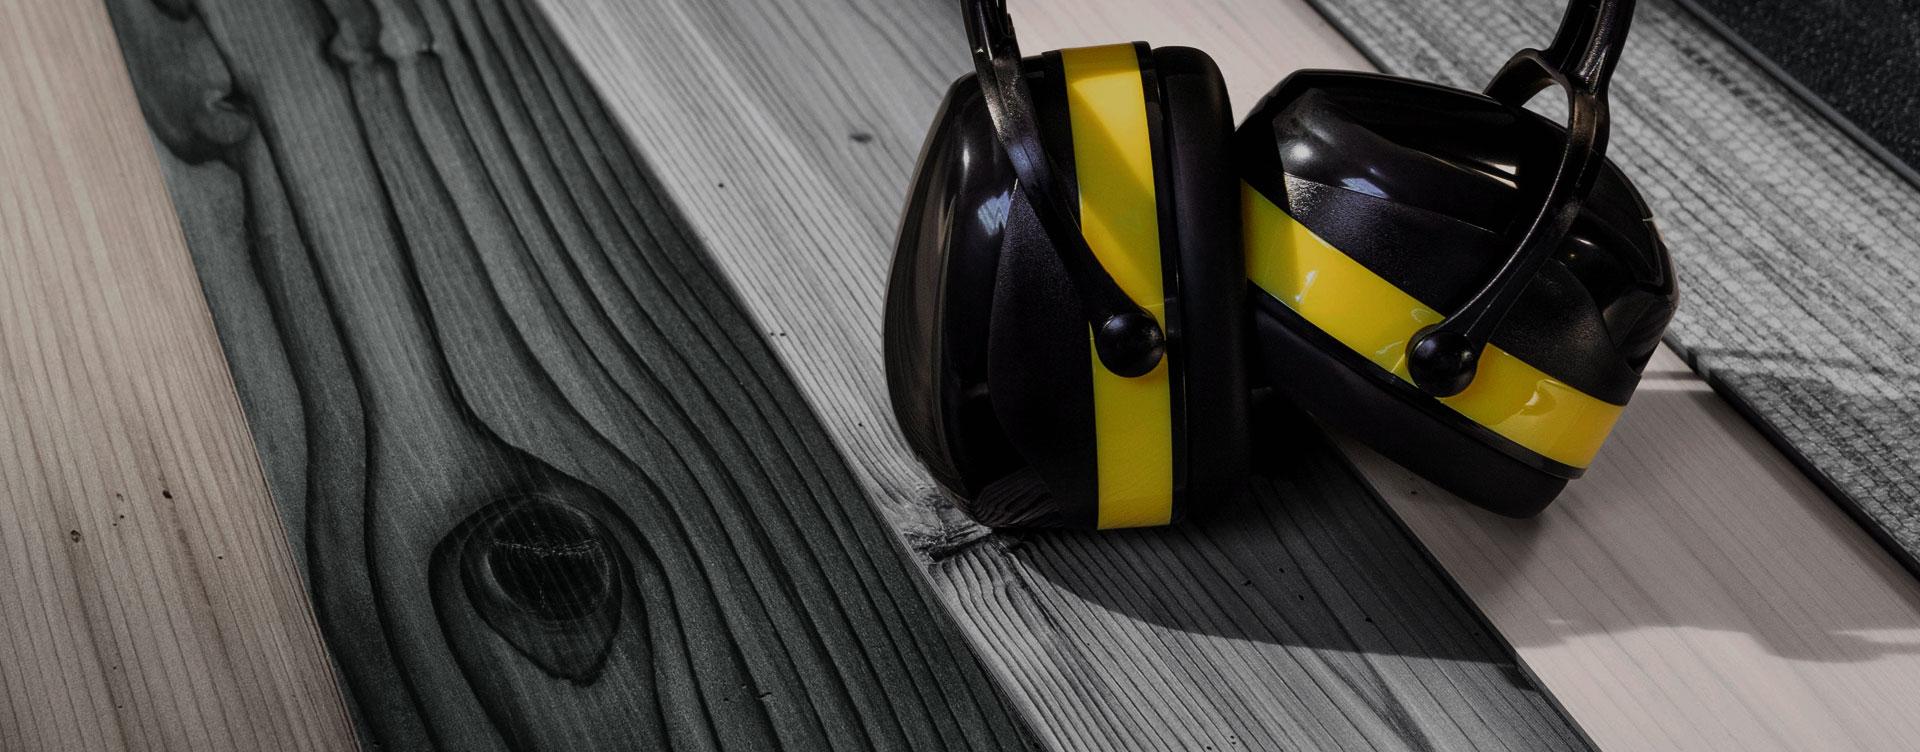 Milliken Blog Image - Headphones